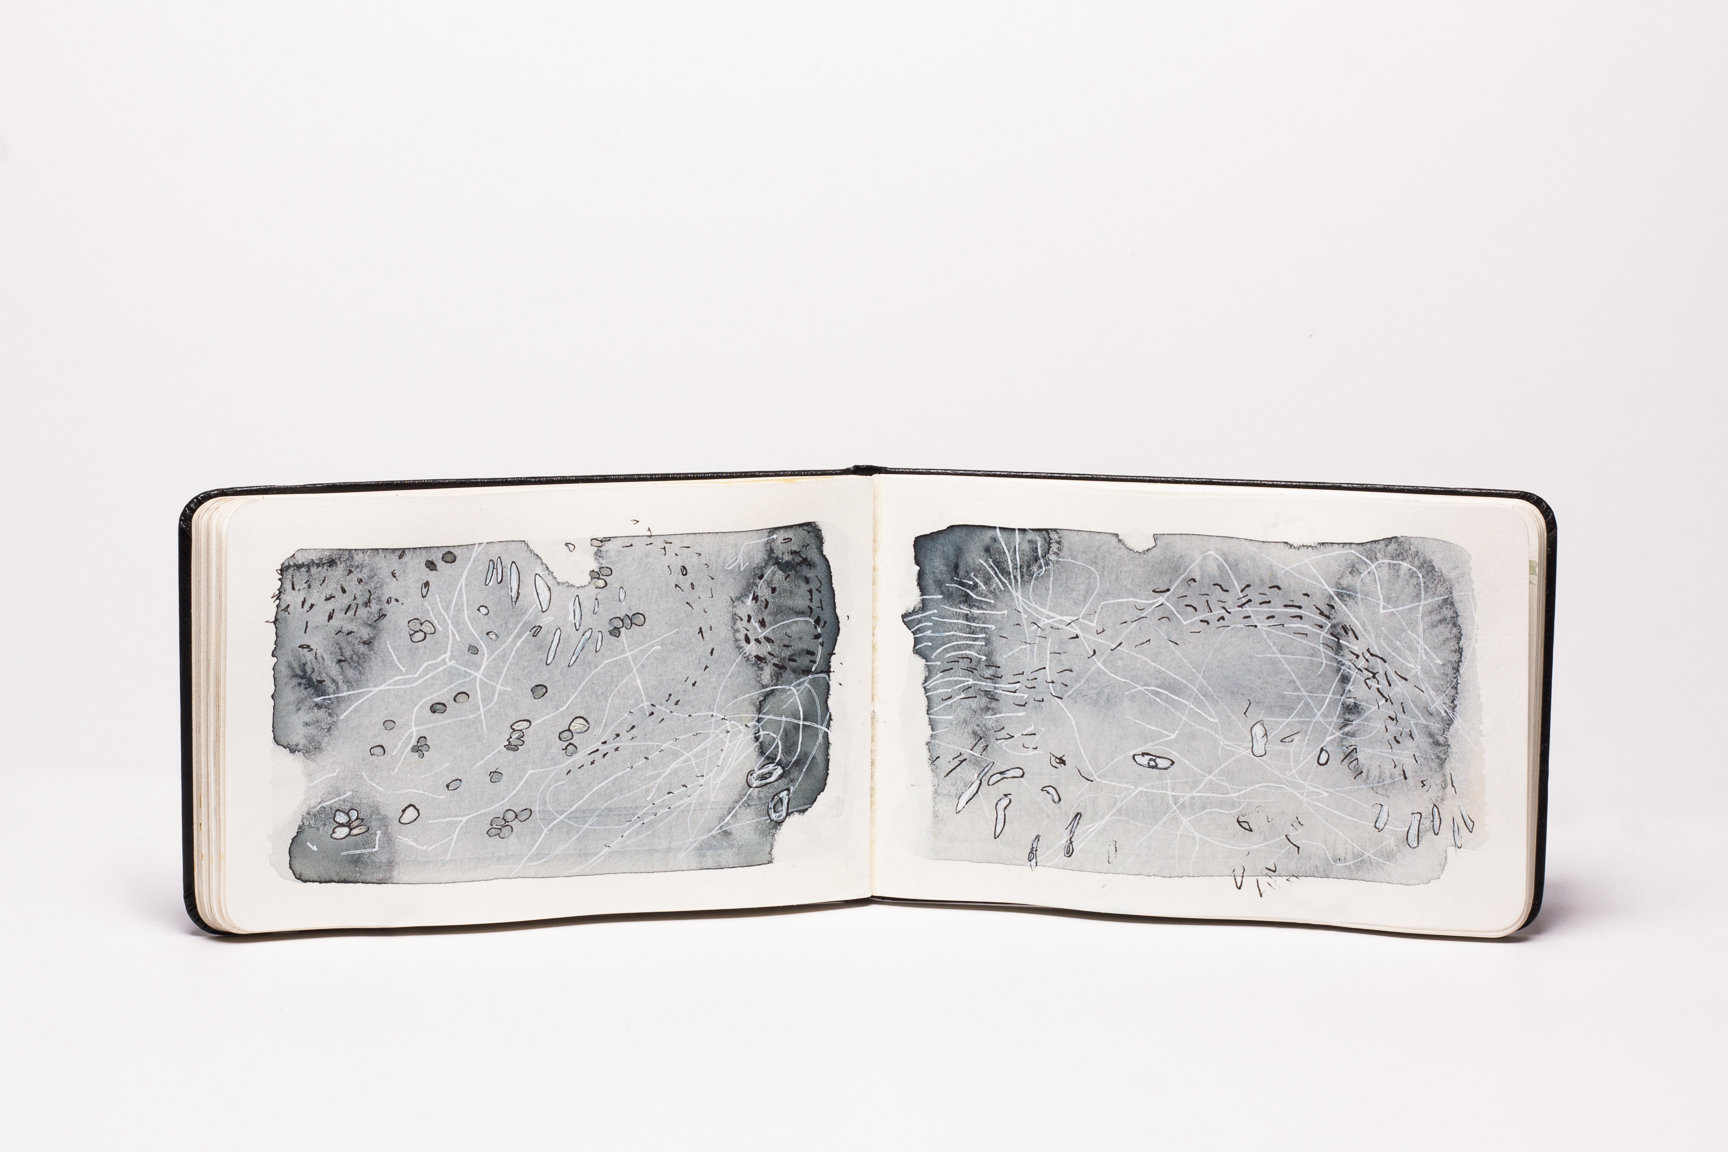 2019-moss-sketchbook-11-web.jpg